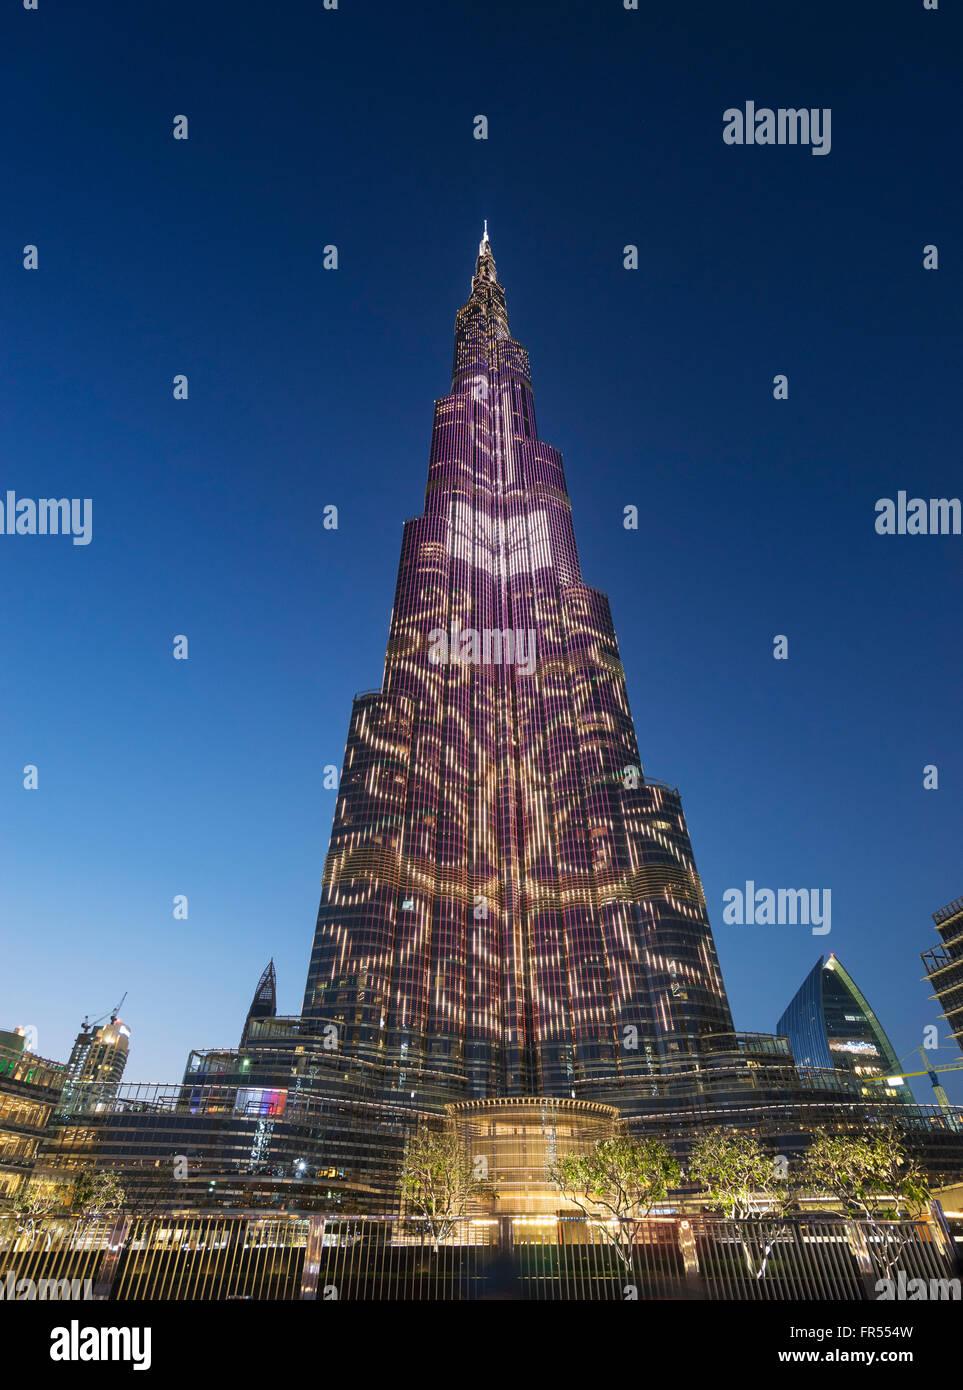 La tombée de la tour Burj Khalifa avec LED sur façade dans Dubaï Émirats Arabes Unis Photo Stock